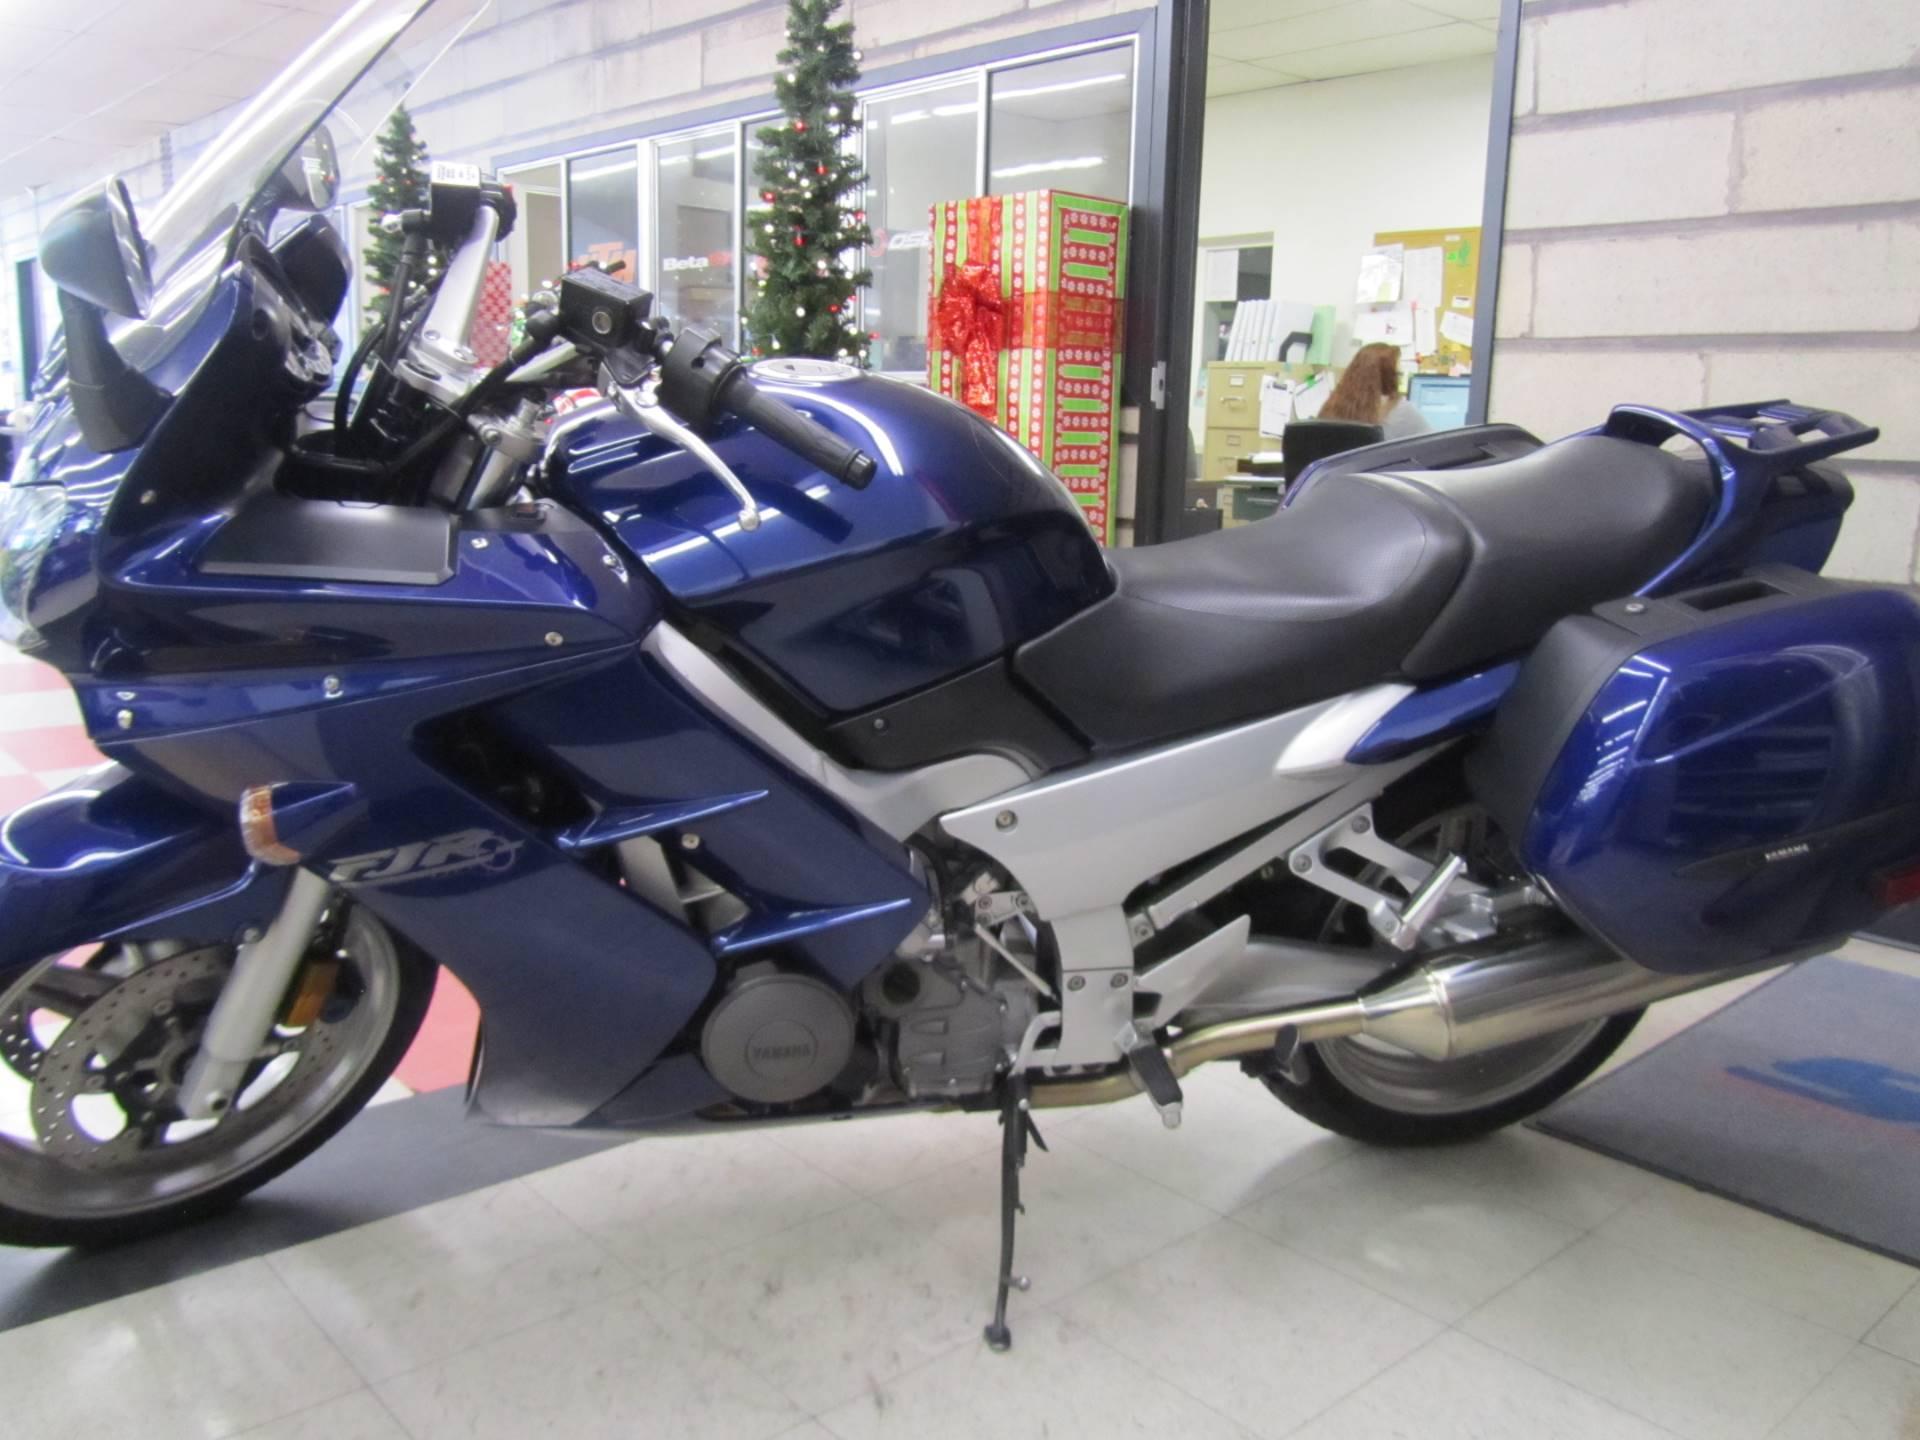 2005 Yamaha FJR 1300A for sale 97589